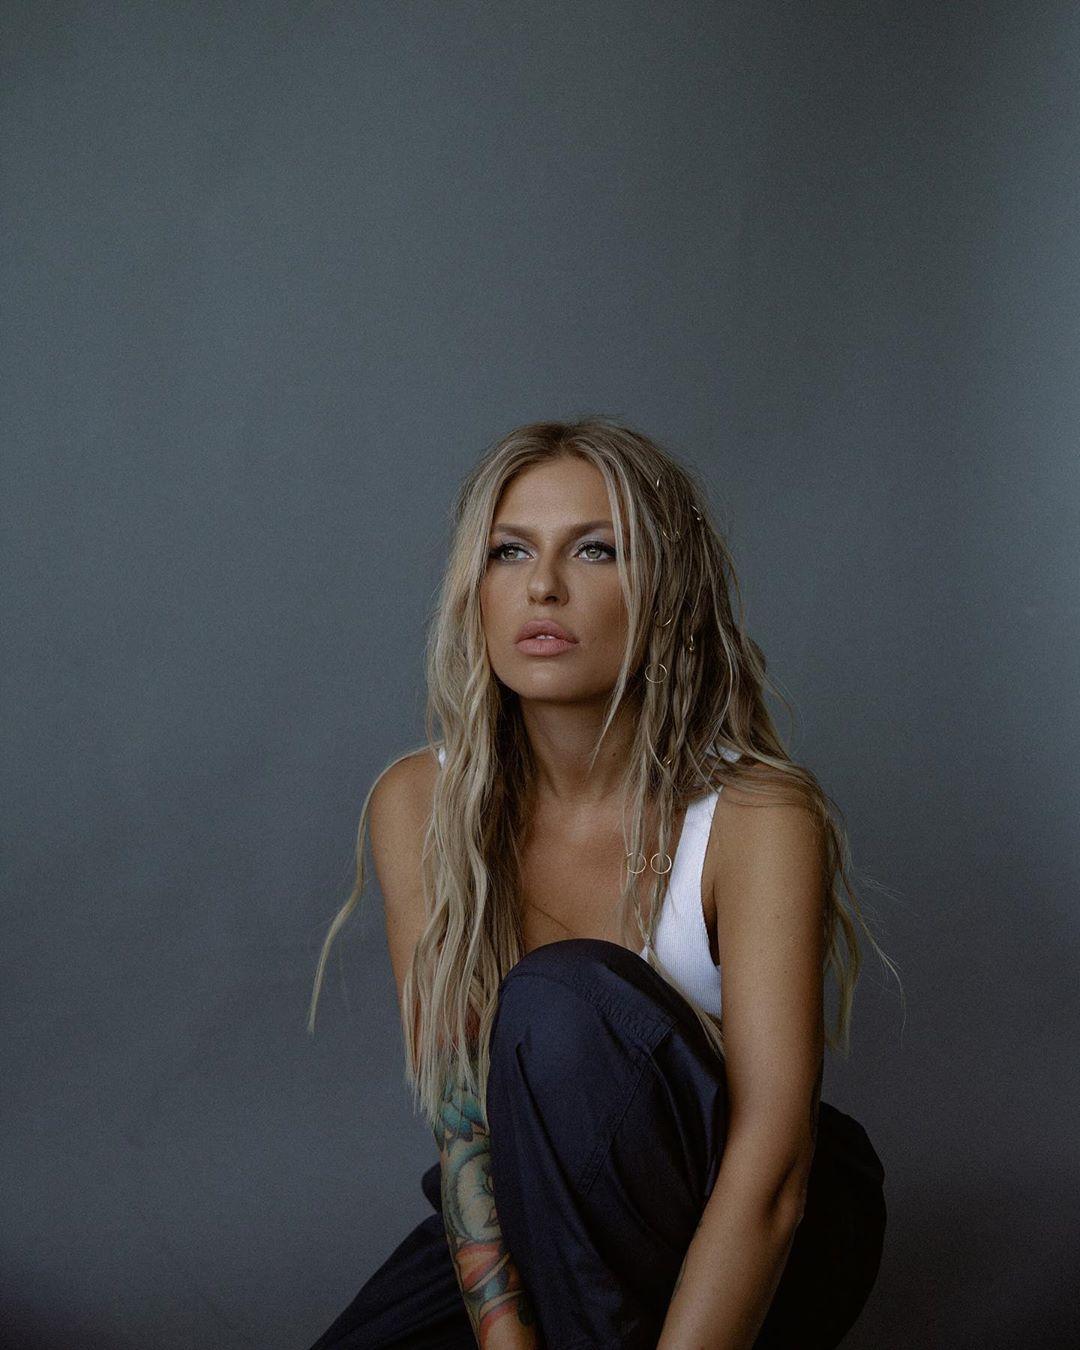 Рита Дакота выпустила новую песню «Армагеддон»